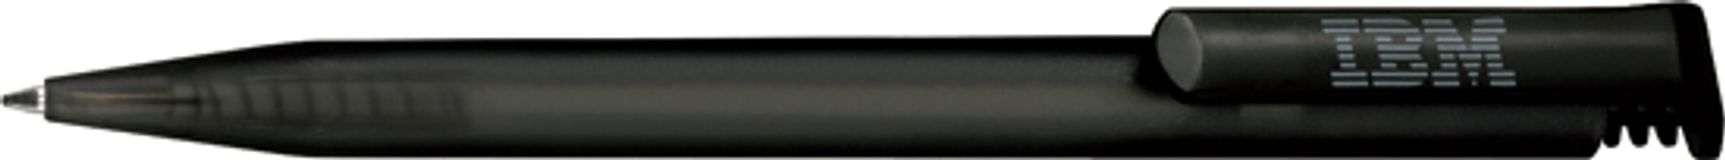 Ручка шариковая Super-Hit Icy, черный фото